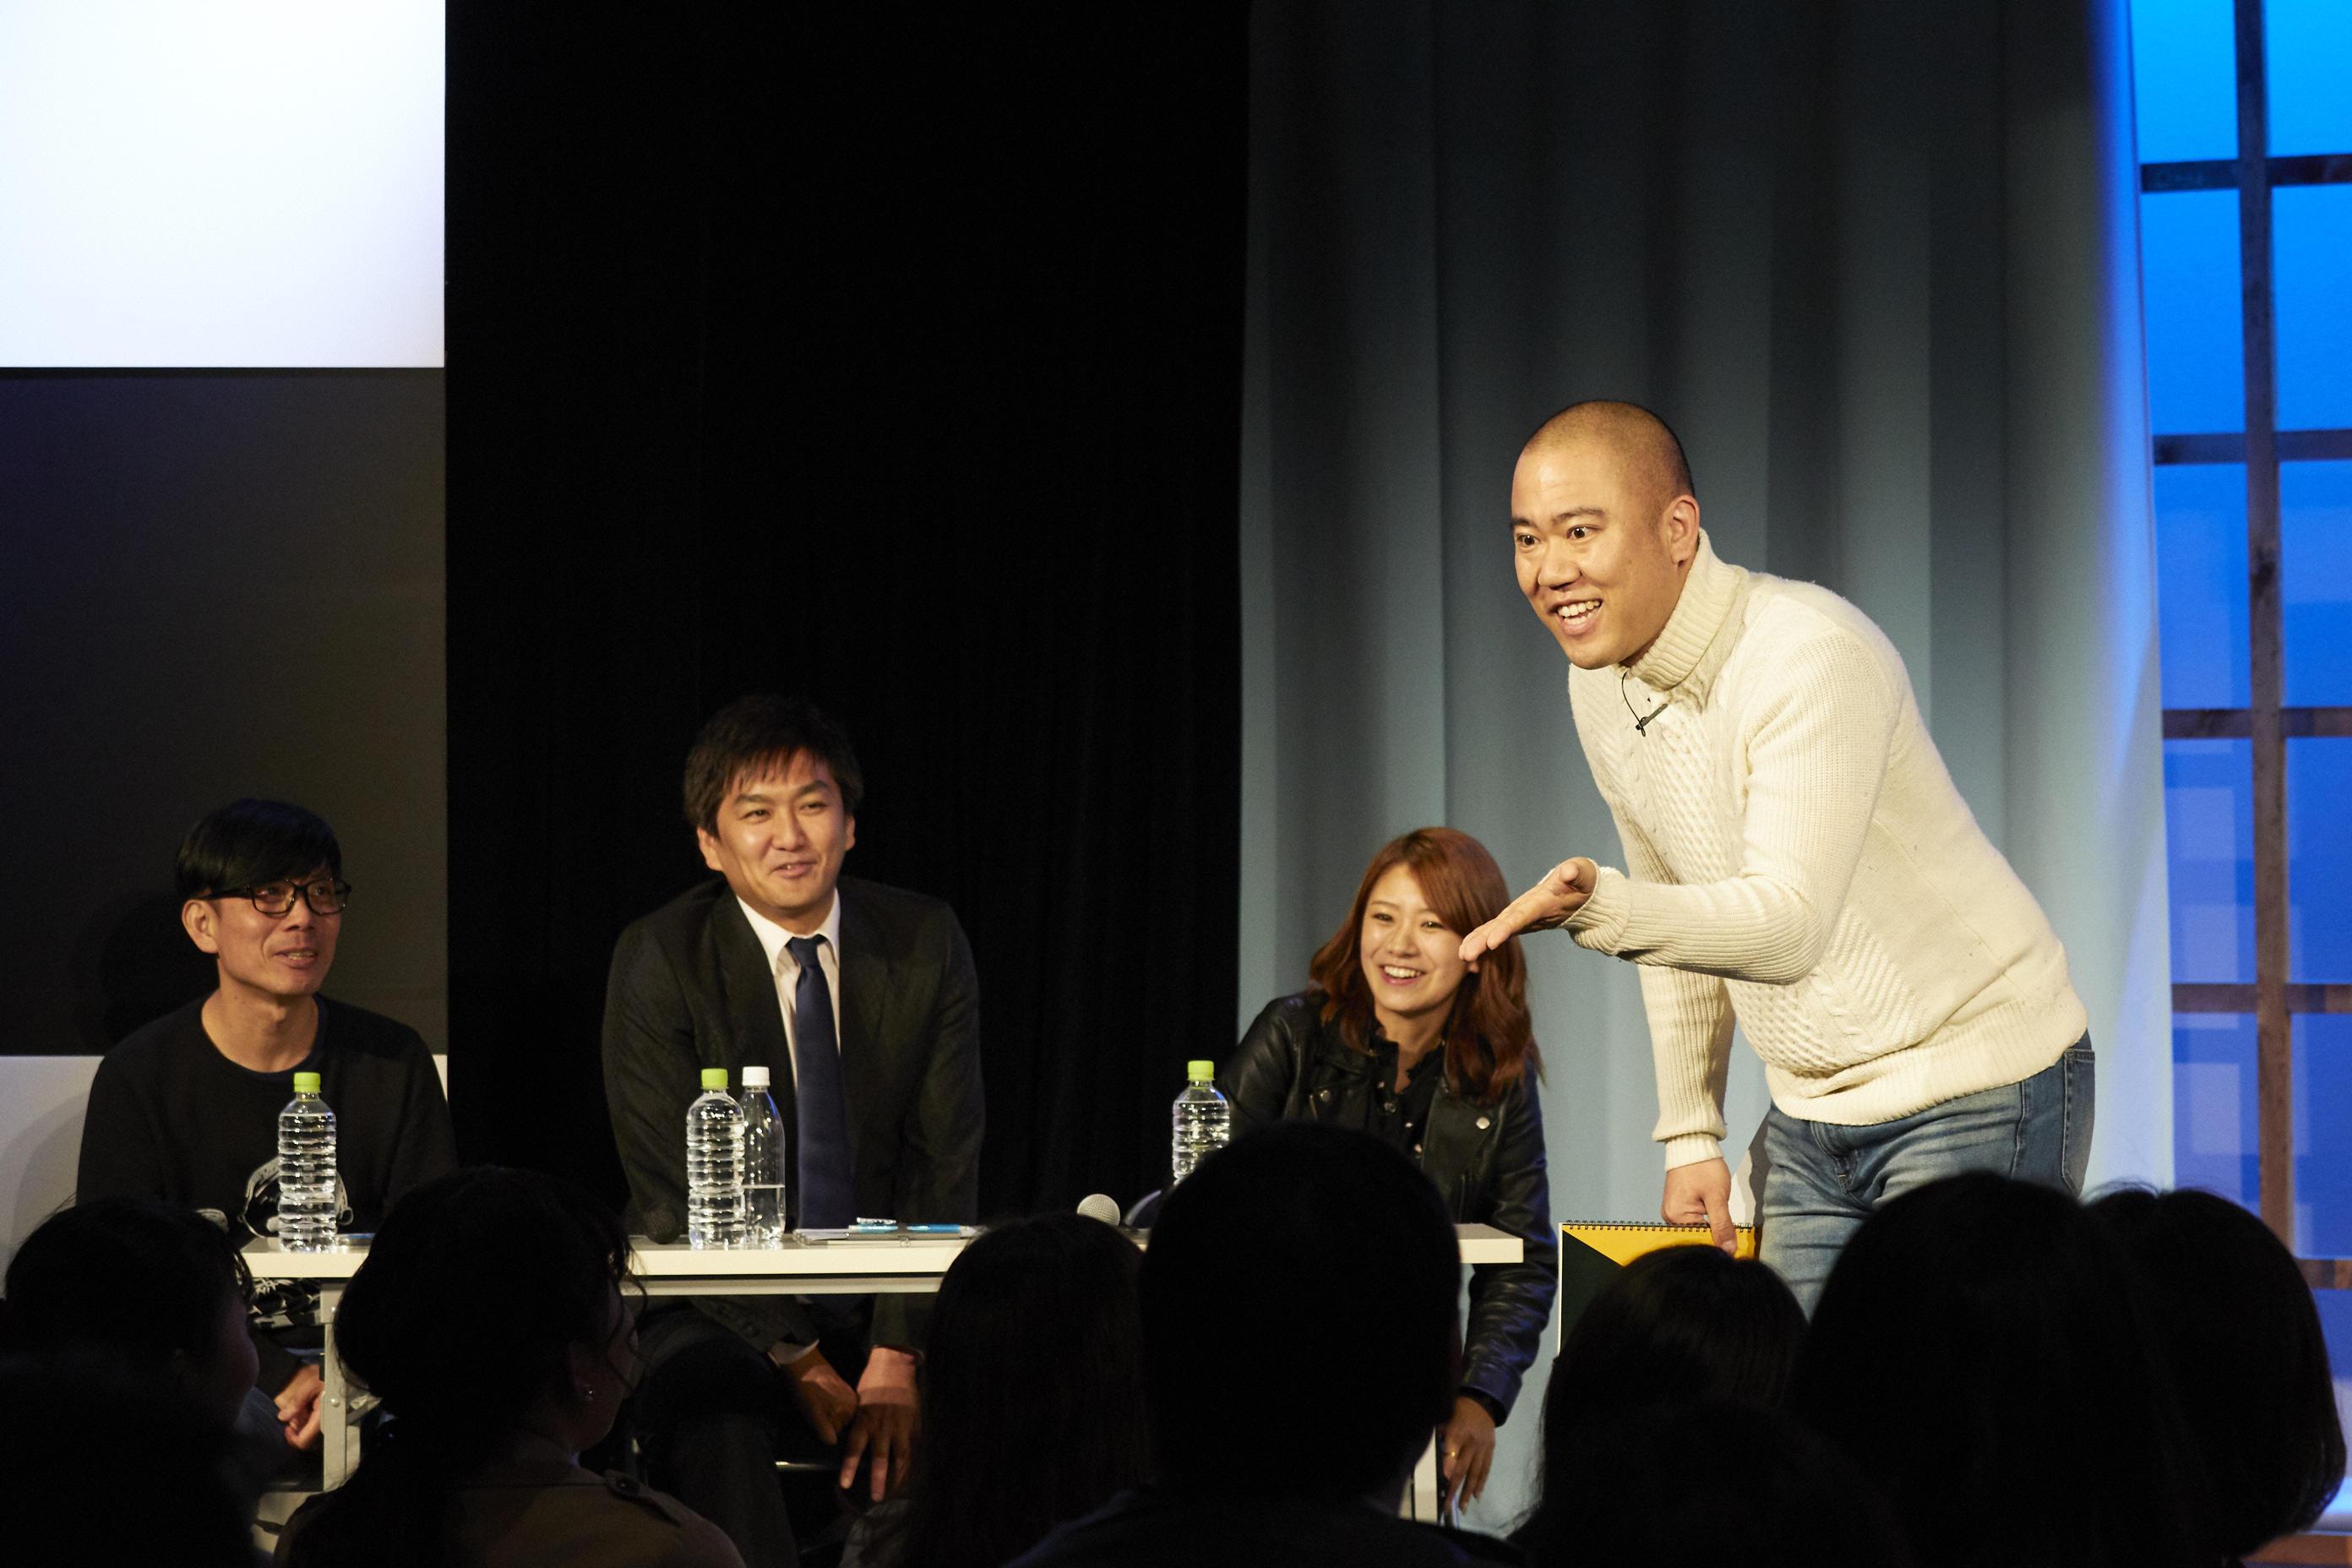 http://news.yoshimoto.co.jp/20180401100248-cc41f0b2f7ca5dea9a2a707e0704fc149a8ab22b.jpg